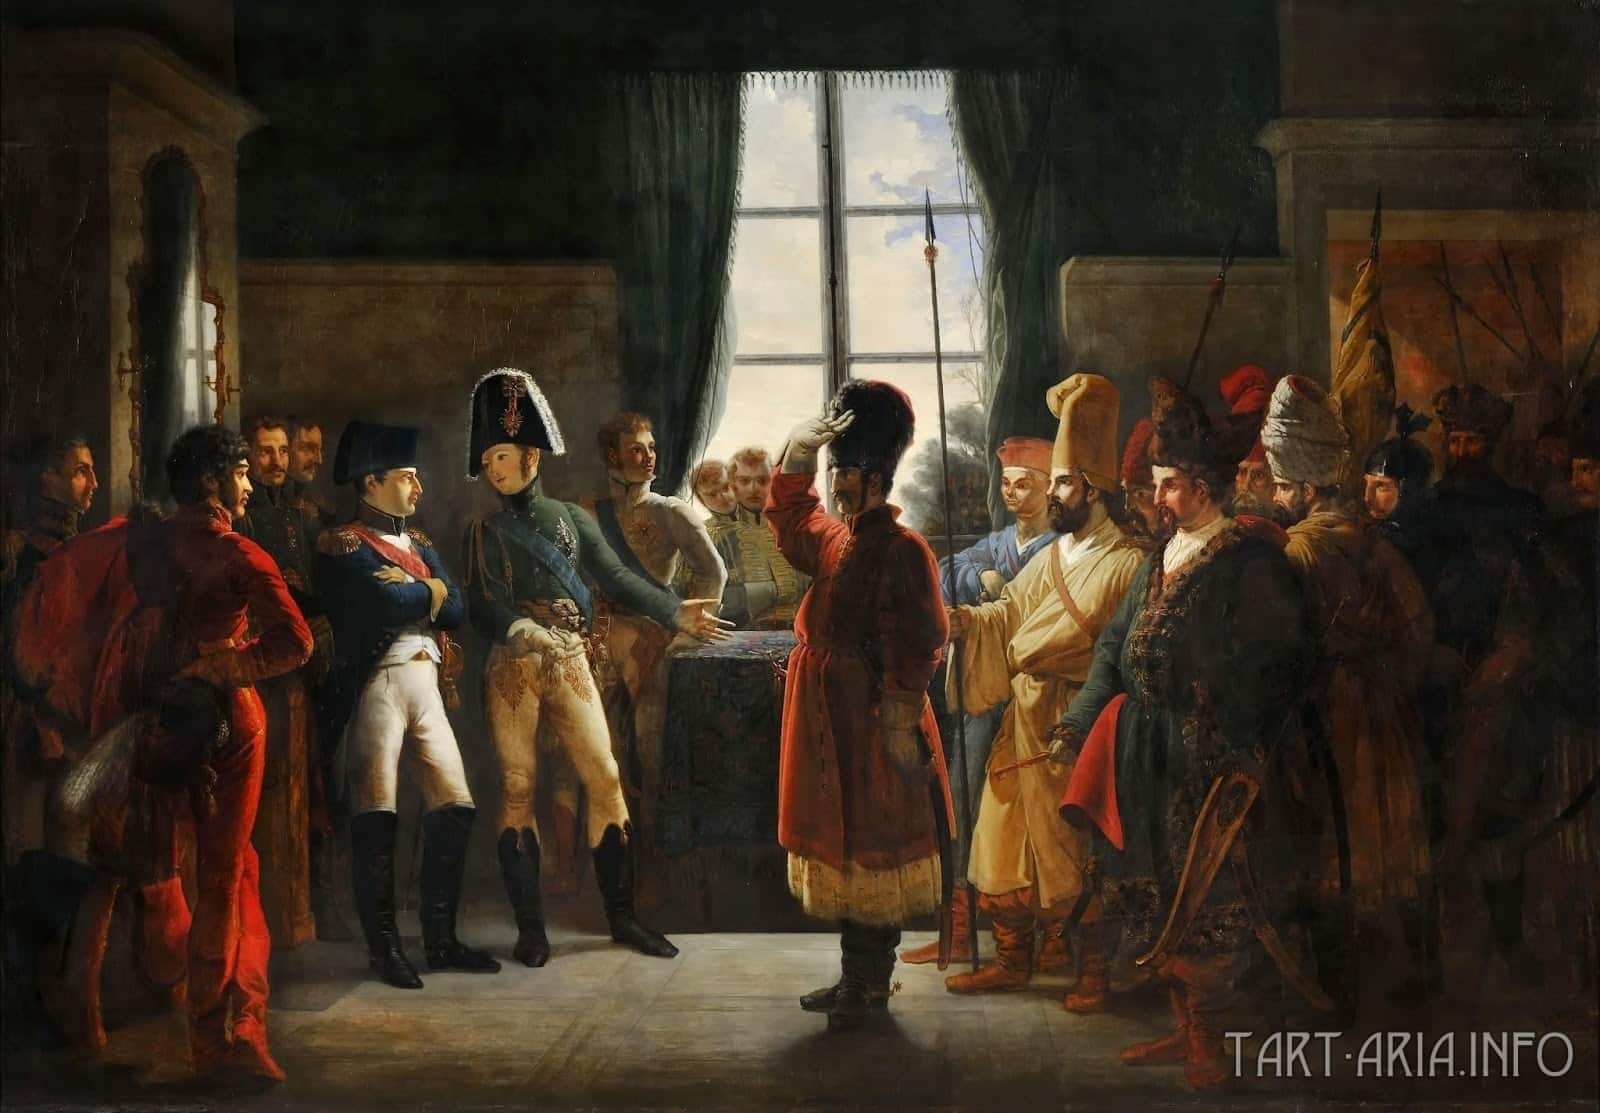 Пьер-Ноласк Бержере. «Александр I знакомит Наполеона с калмыкскими и башкирскими казаками своей армии 3 июля 1807 года».